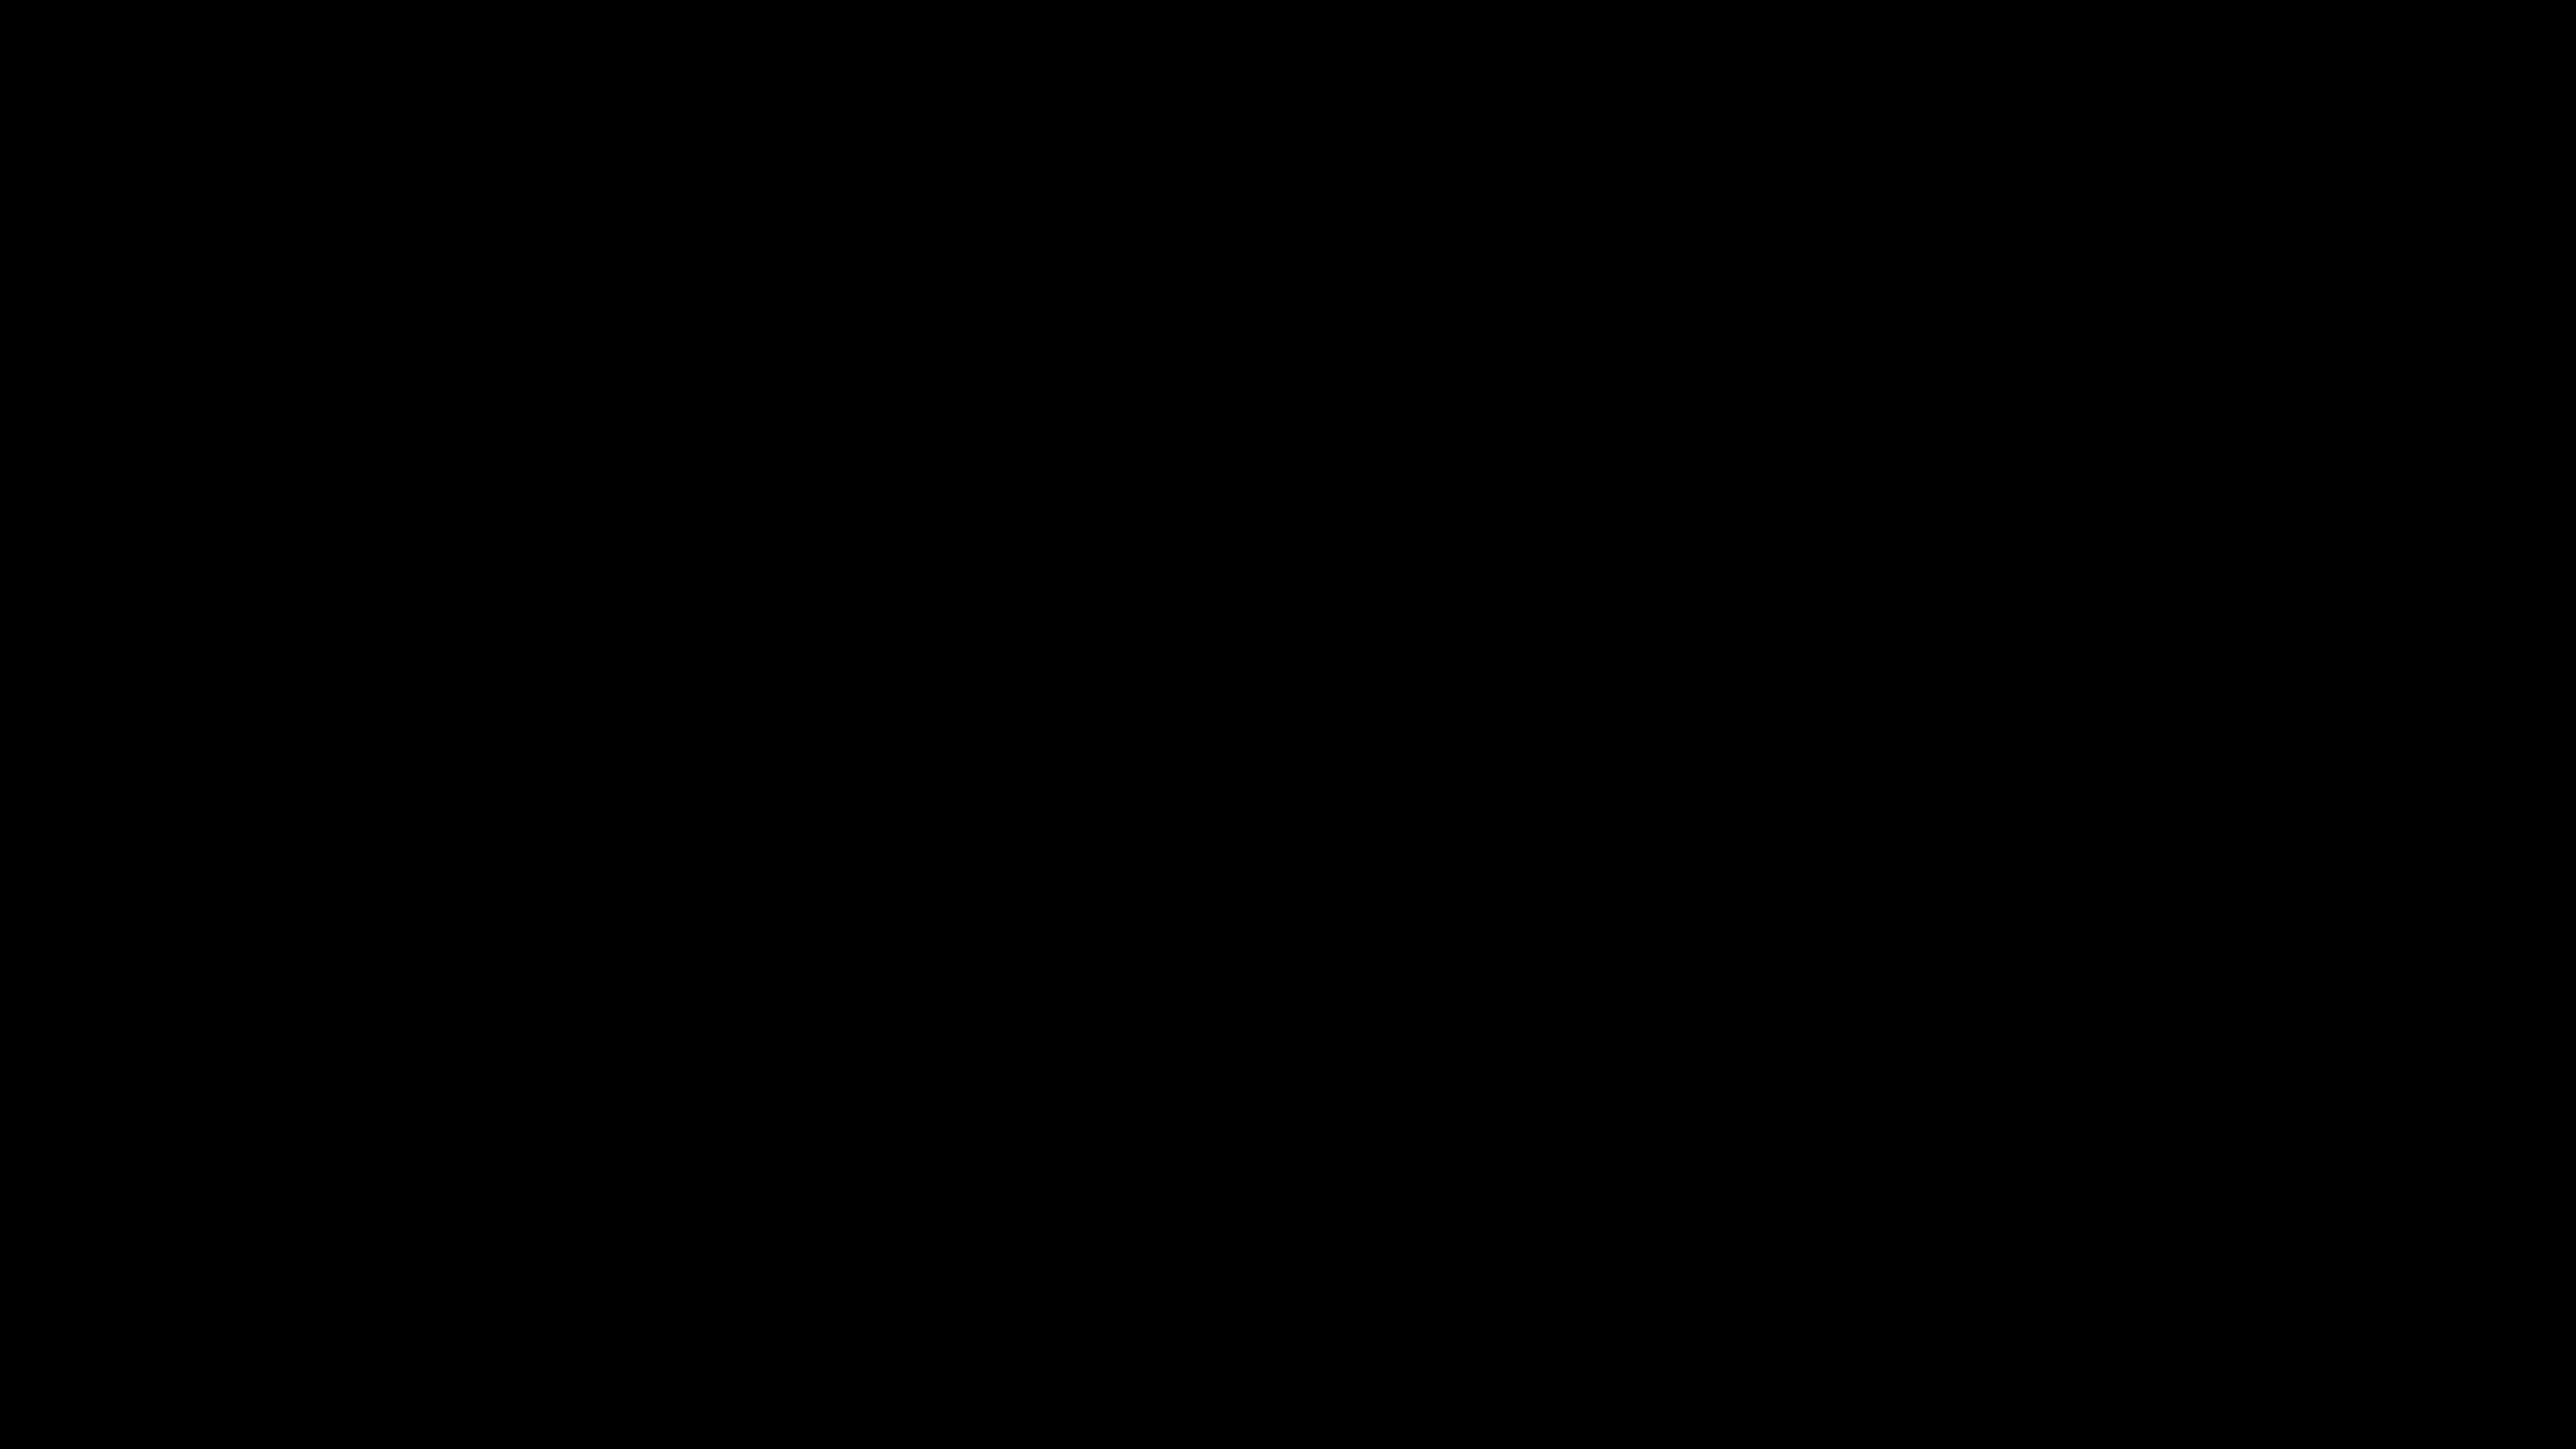 Mercedes-AMG GT4 steering wheel